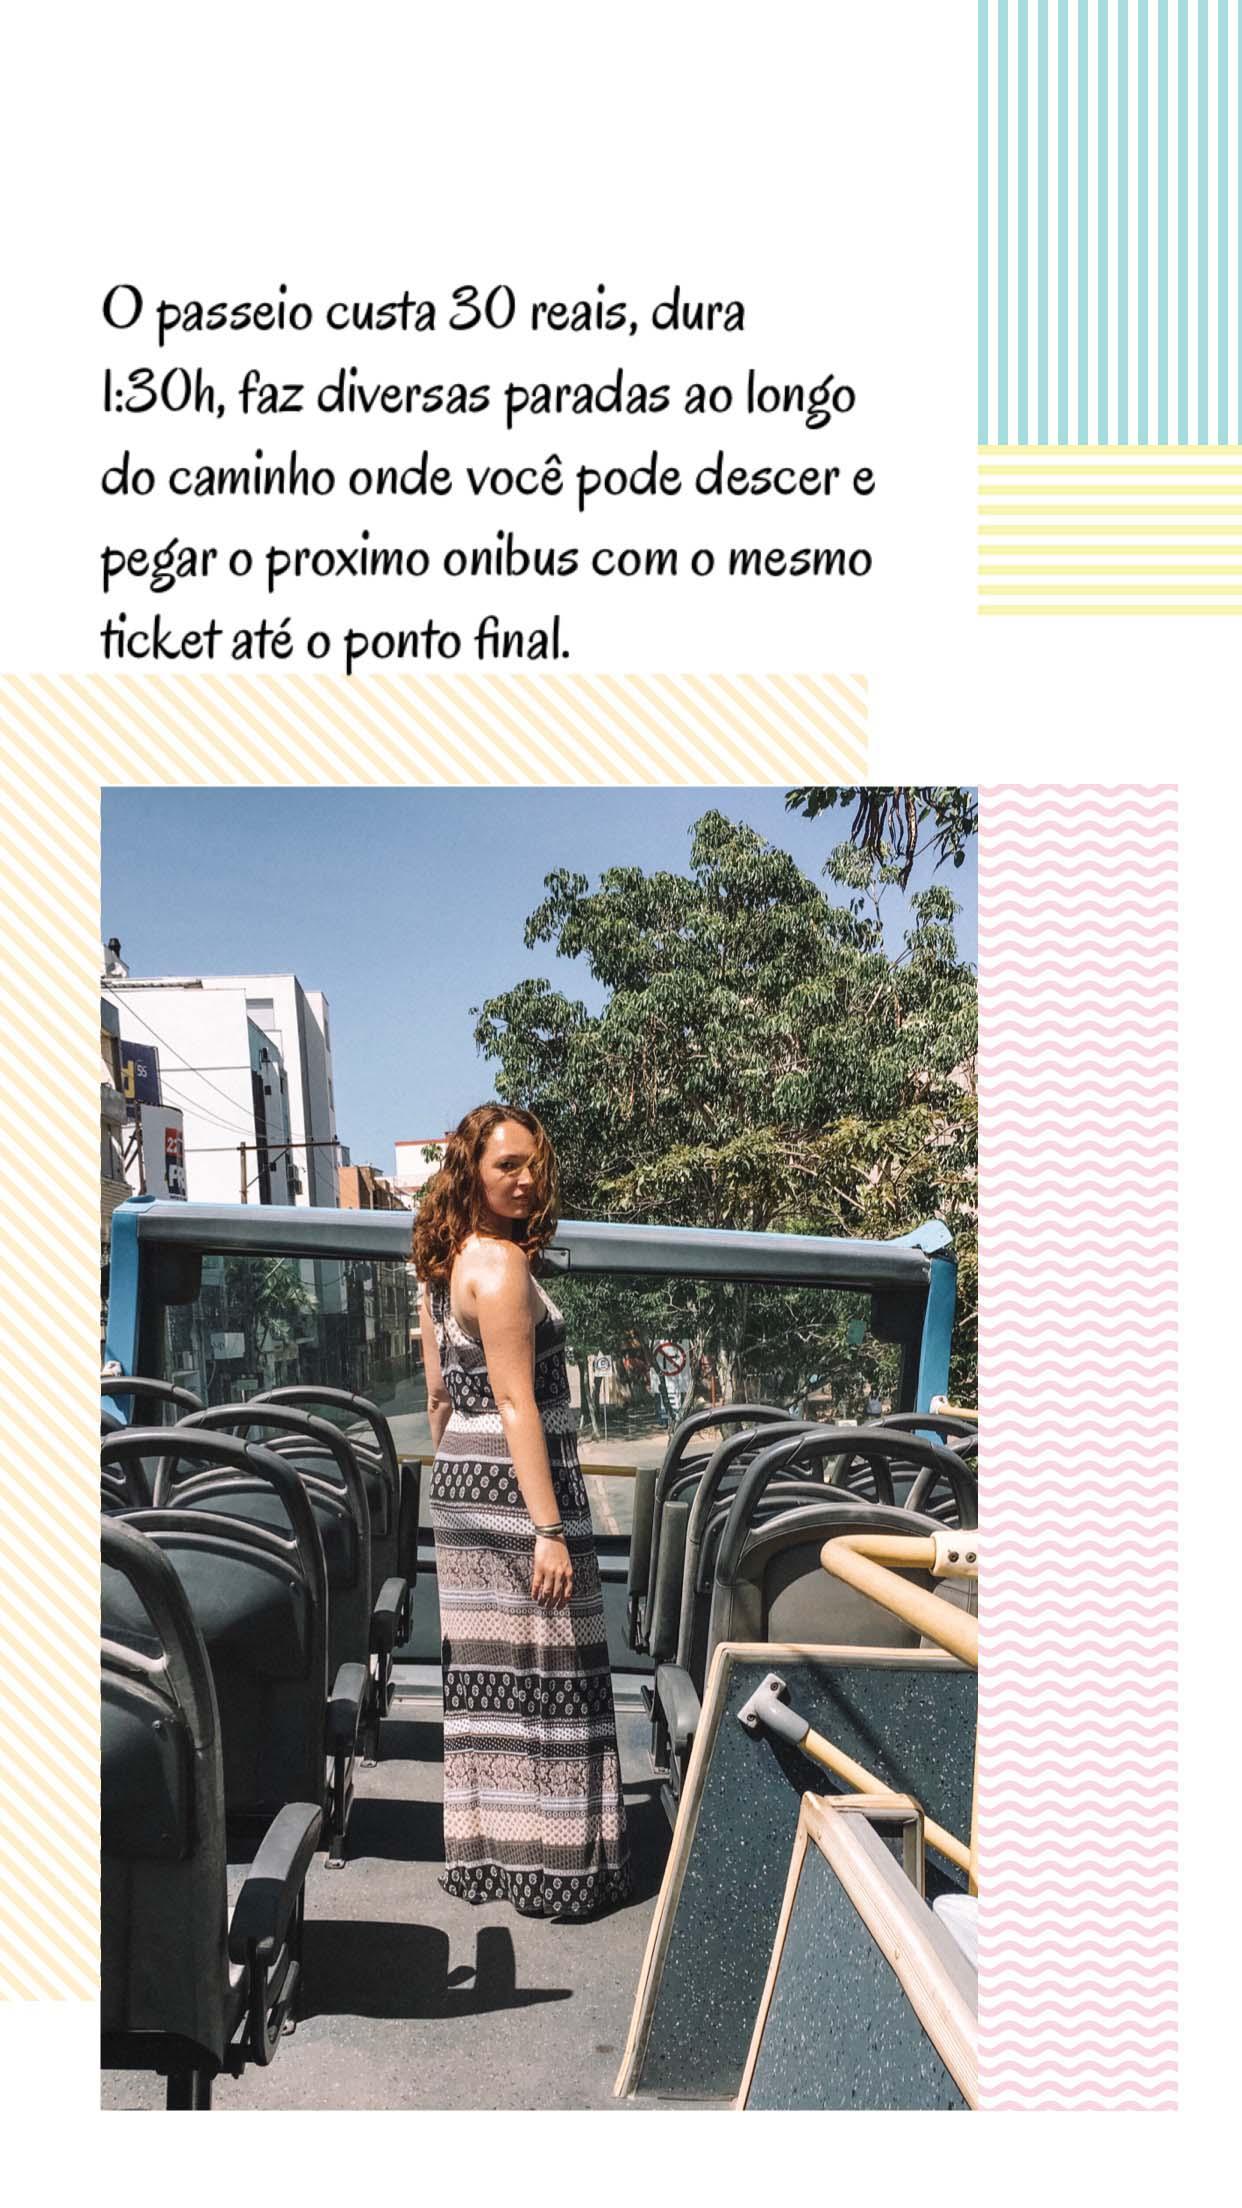 Linha Turismo Porto Alegre 159.jpg